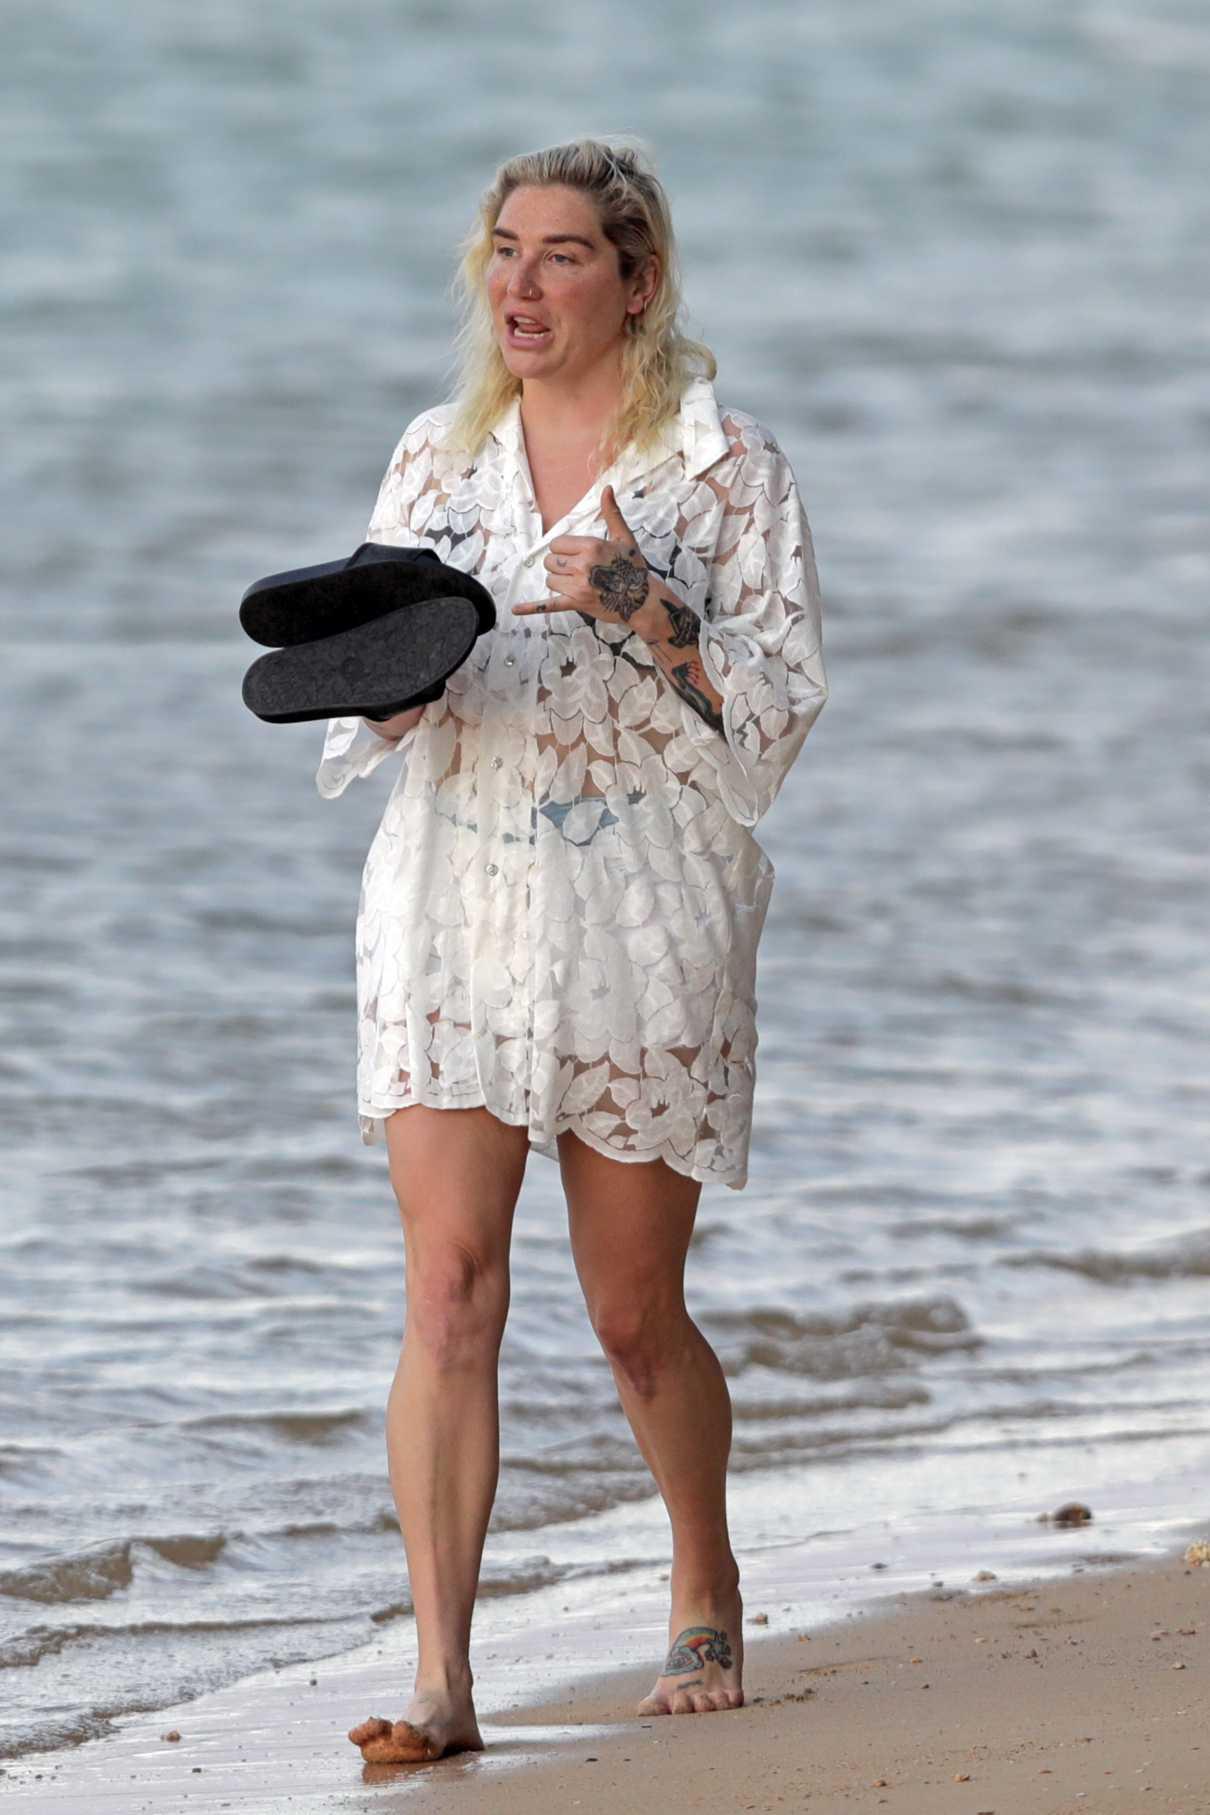 Kesha in a White Mini Dress